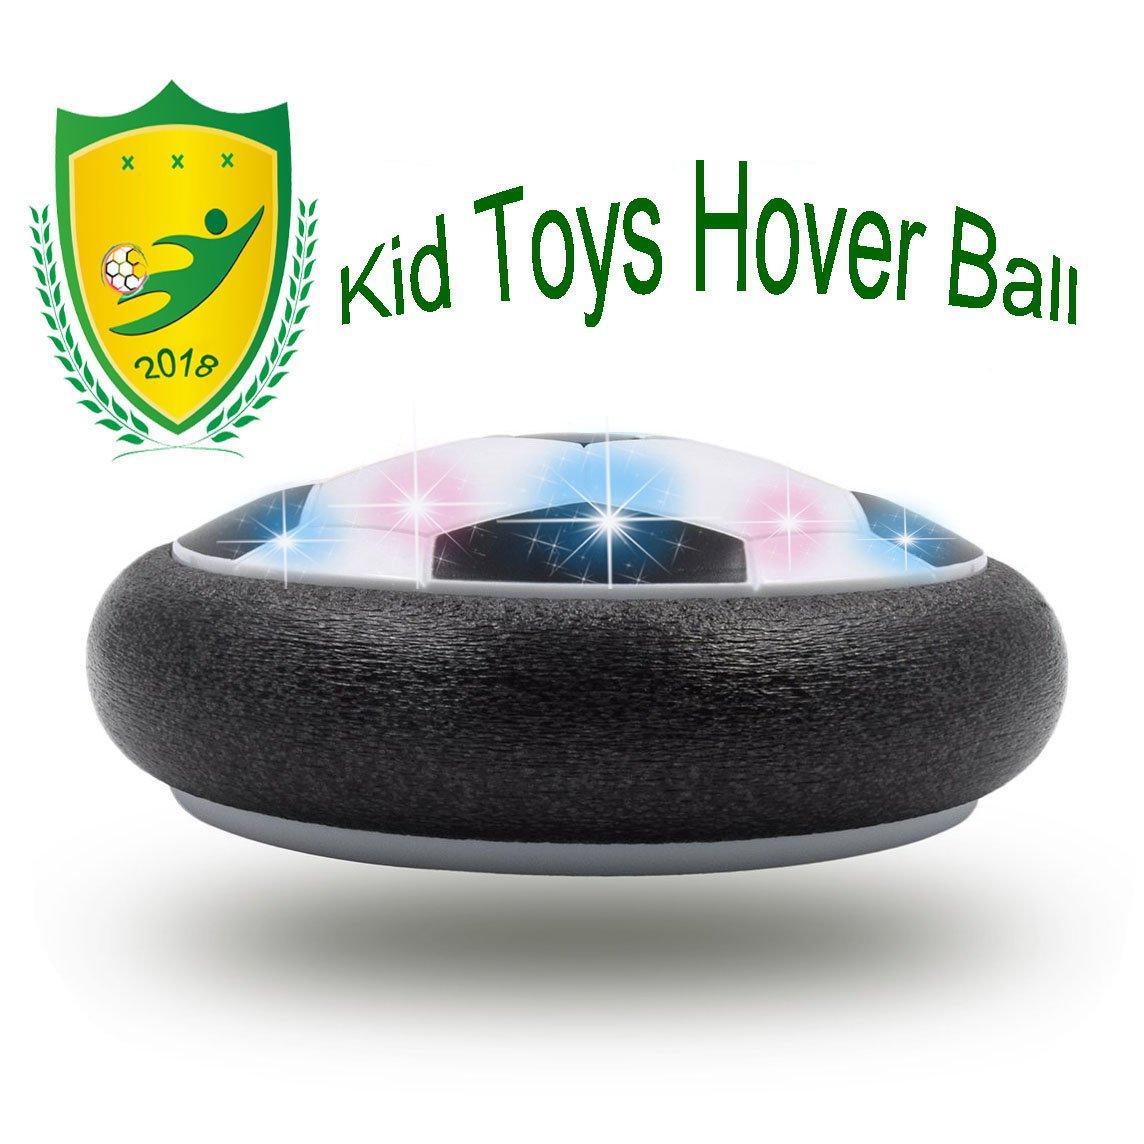 3歳から12歳のお子様のためのギフトJRD&BS WINL面白いホバーサッカーおもちゃ4-9歳の男の子トレーニング用サッカーゲーム(スタイル2ブラック) B07CH9GDNL